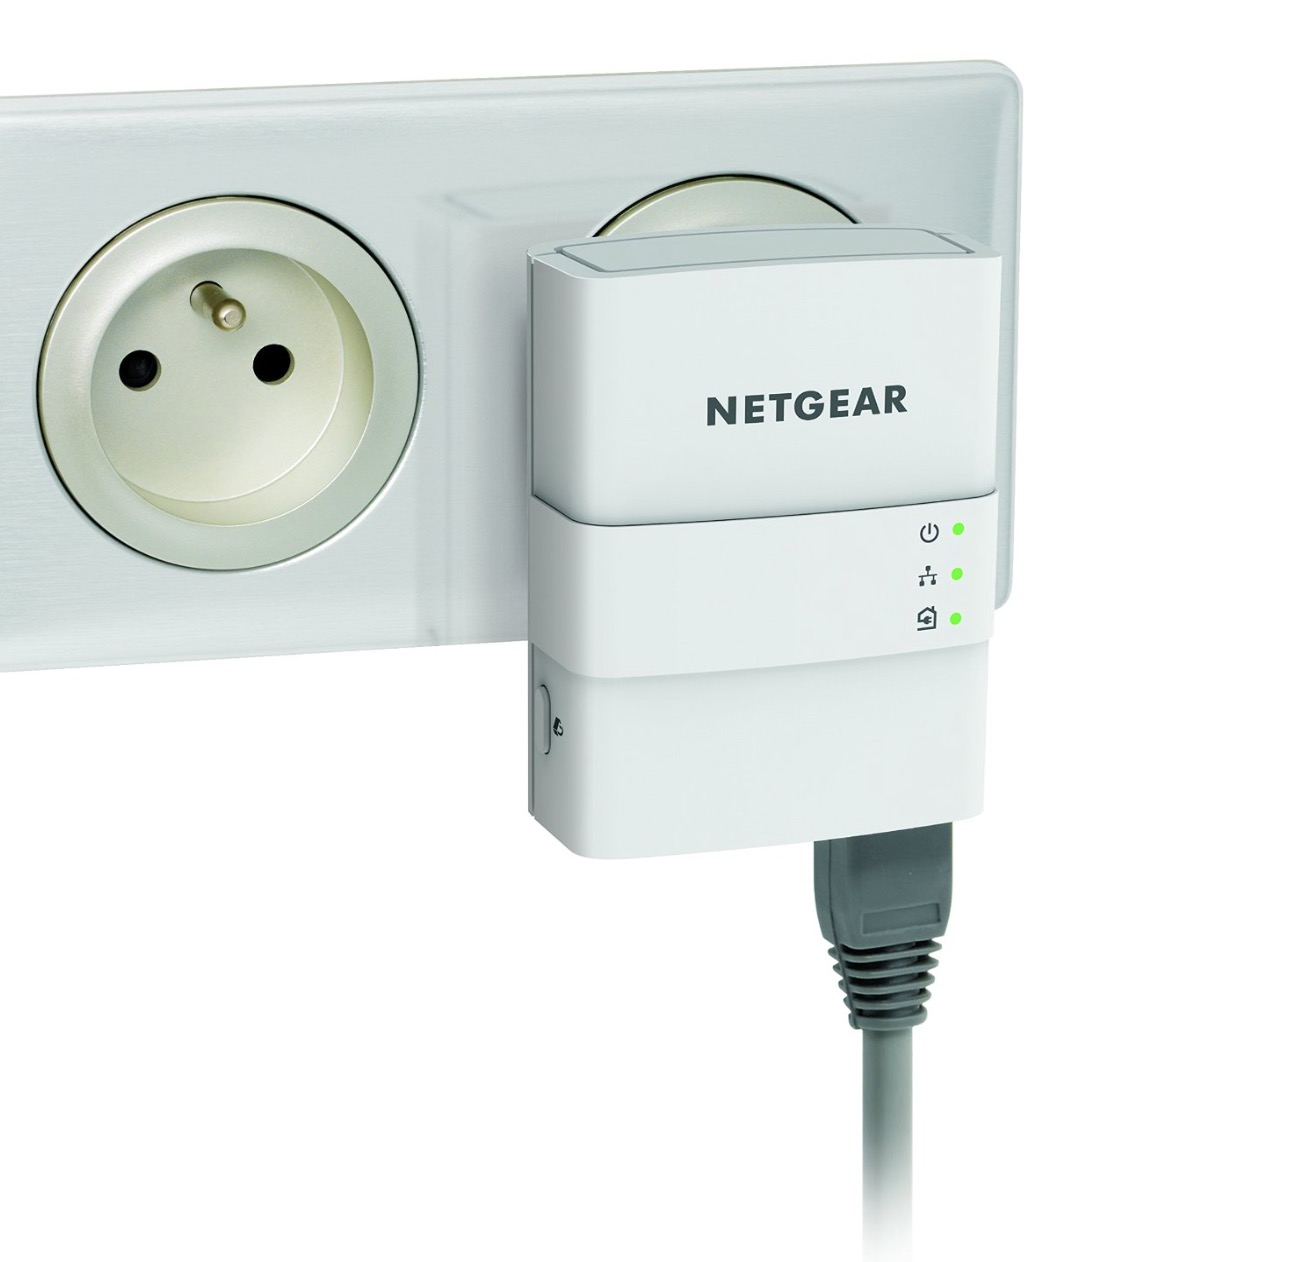 Netgear, Internet su rete elettrica a 500 Mbit: solo 25 euro